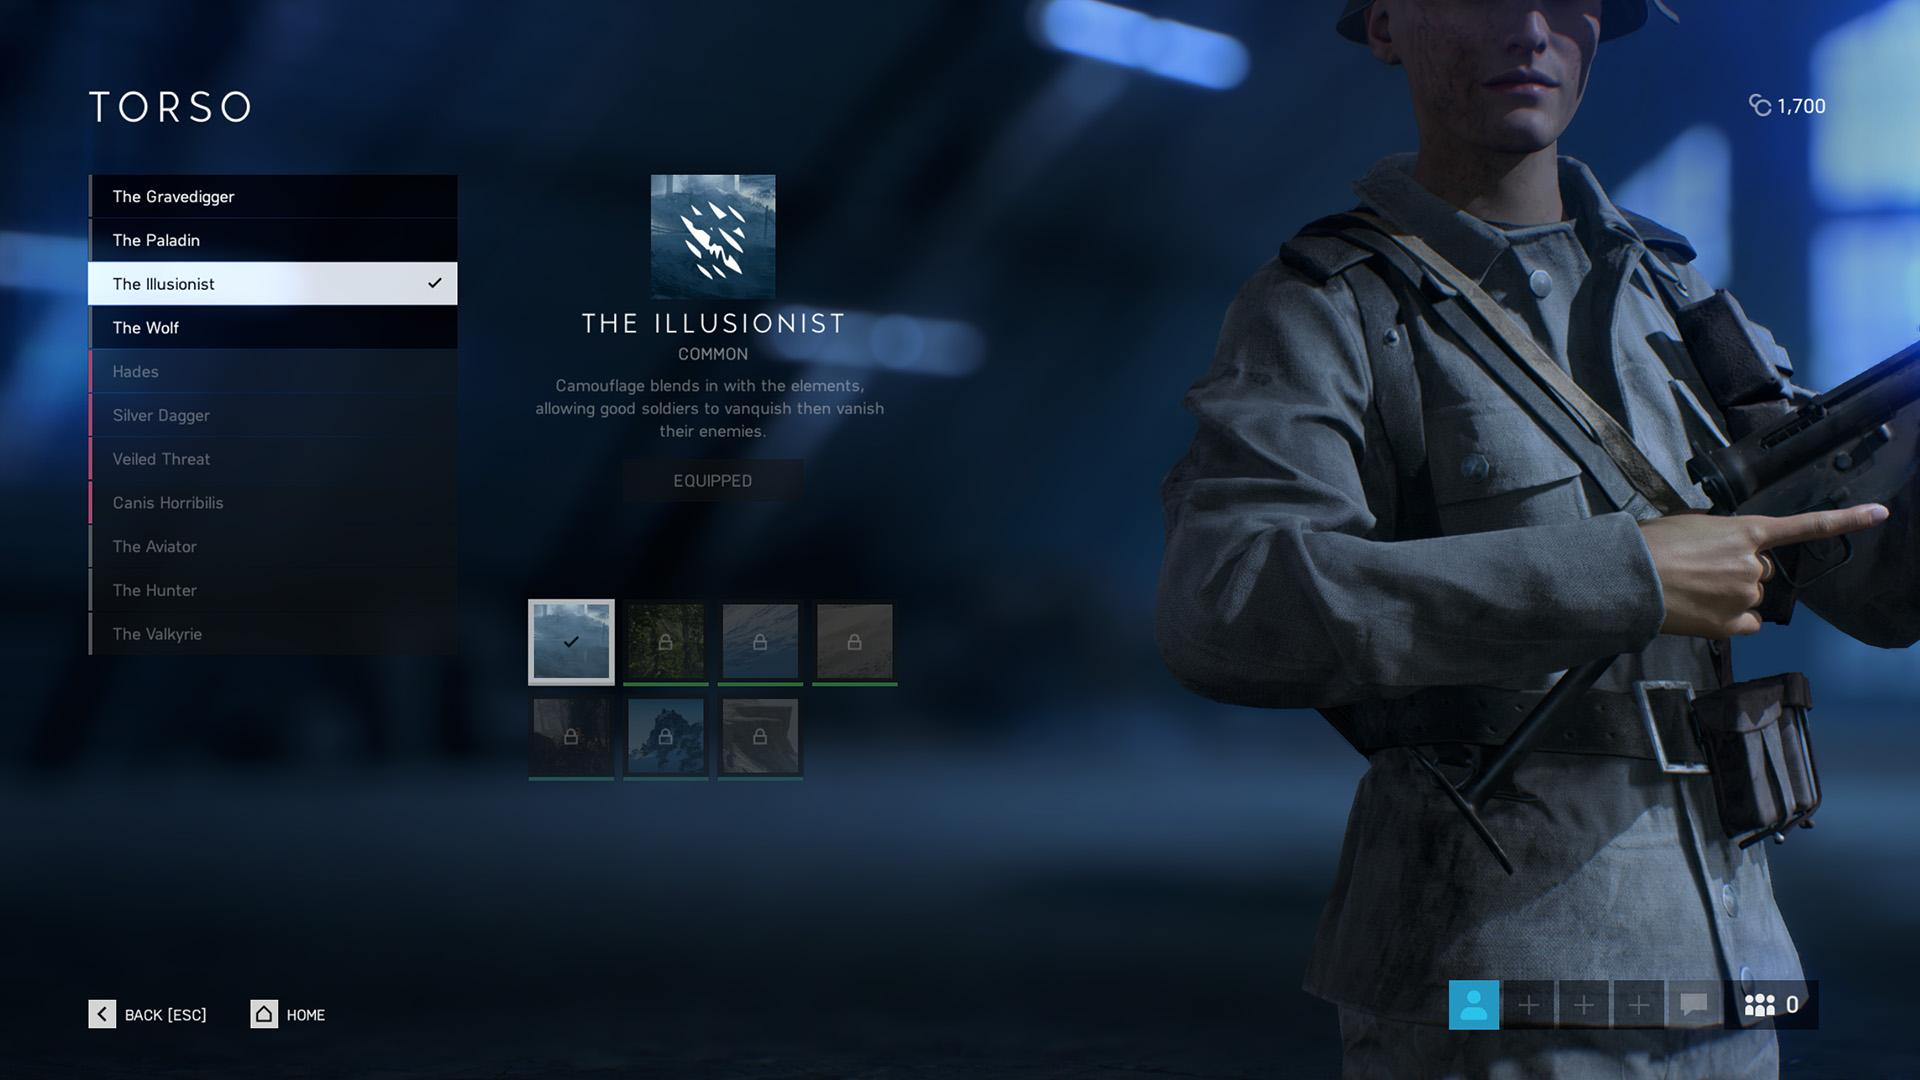 Battlefield V Screenshot 2018_0021_Battlefield V Screenshot 2018.11.11 - 20.33.58.63.jpg